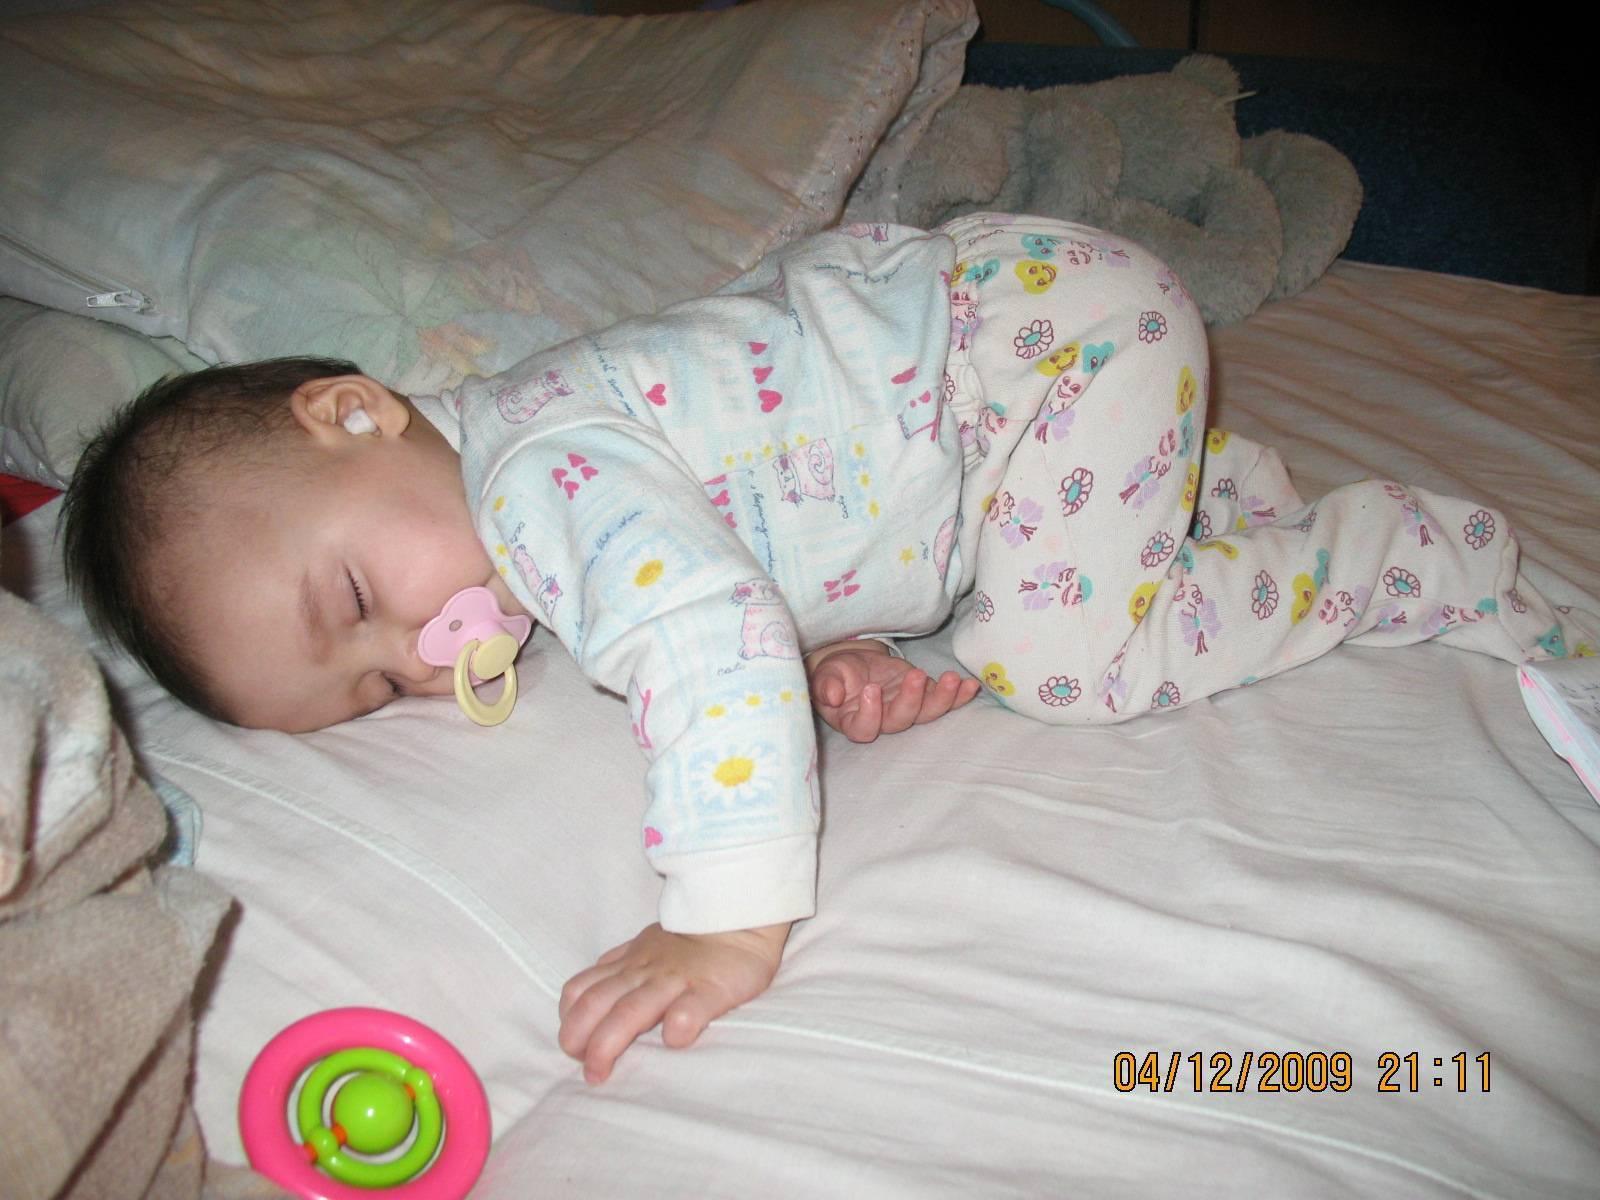 Можно ли новорожденному ребенку спать на животе: мнение педиатров. преимущества и противопоказания сна новорождённого на животе